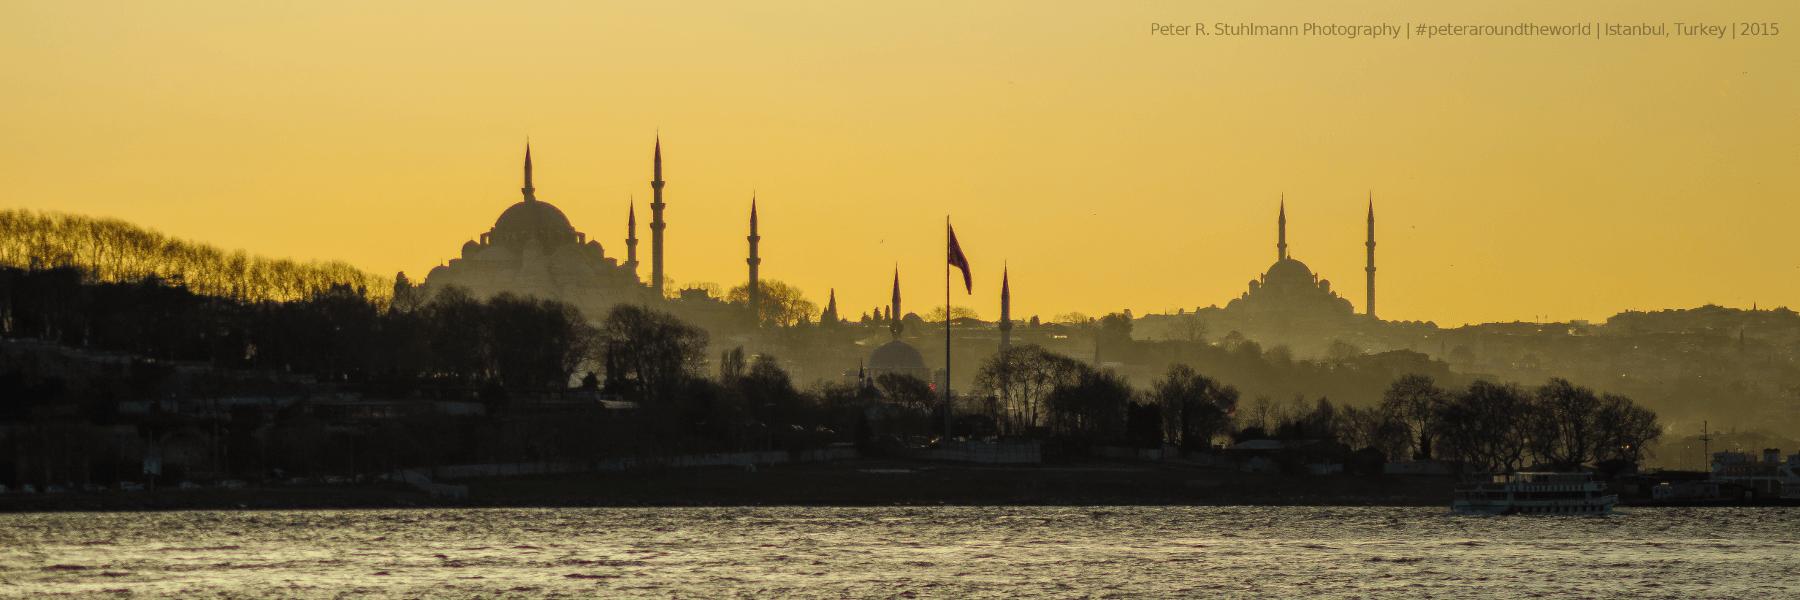 Istanbul - Die schöne Stadt am Bosporus bietet zahlreiche Sehenswürdigkeiten.